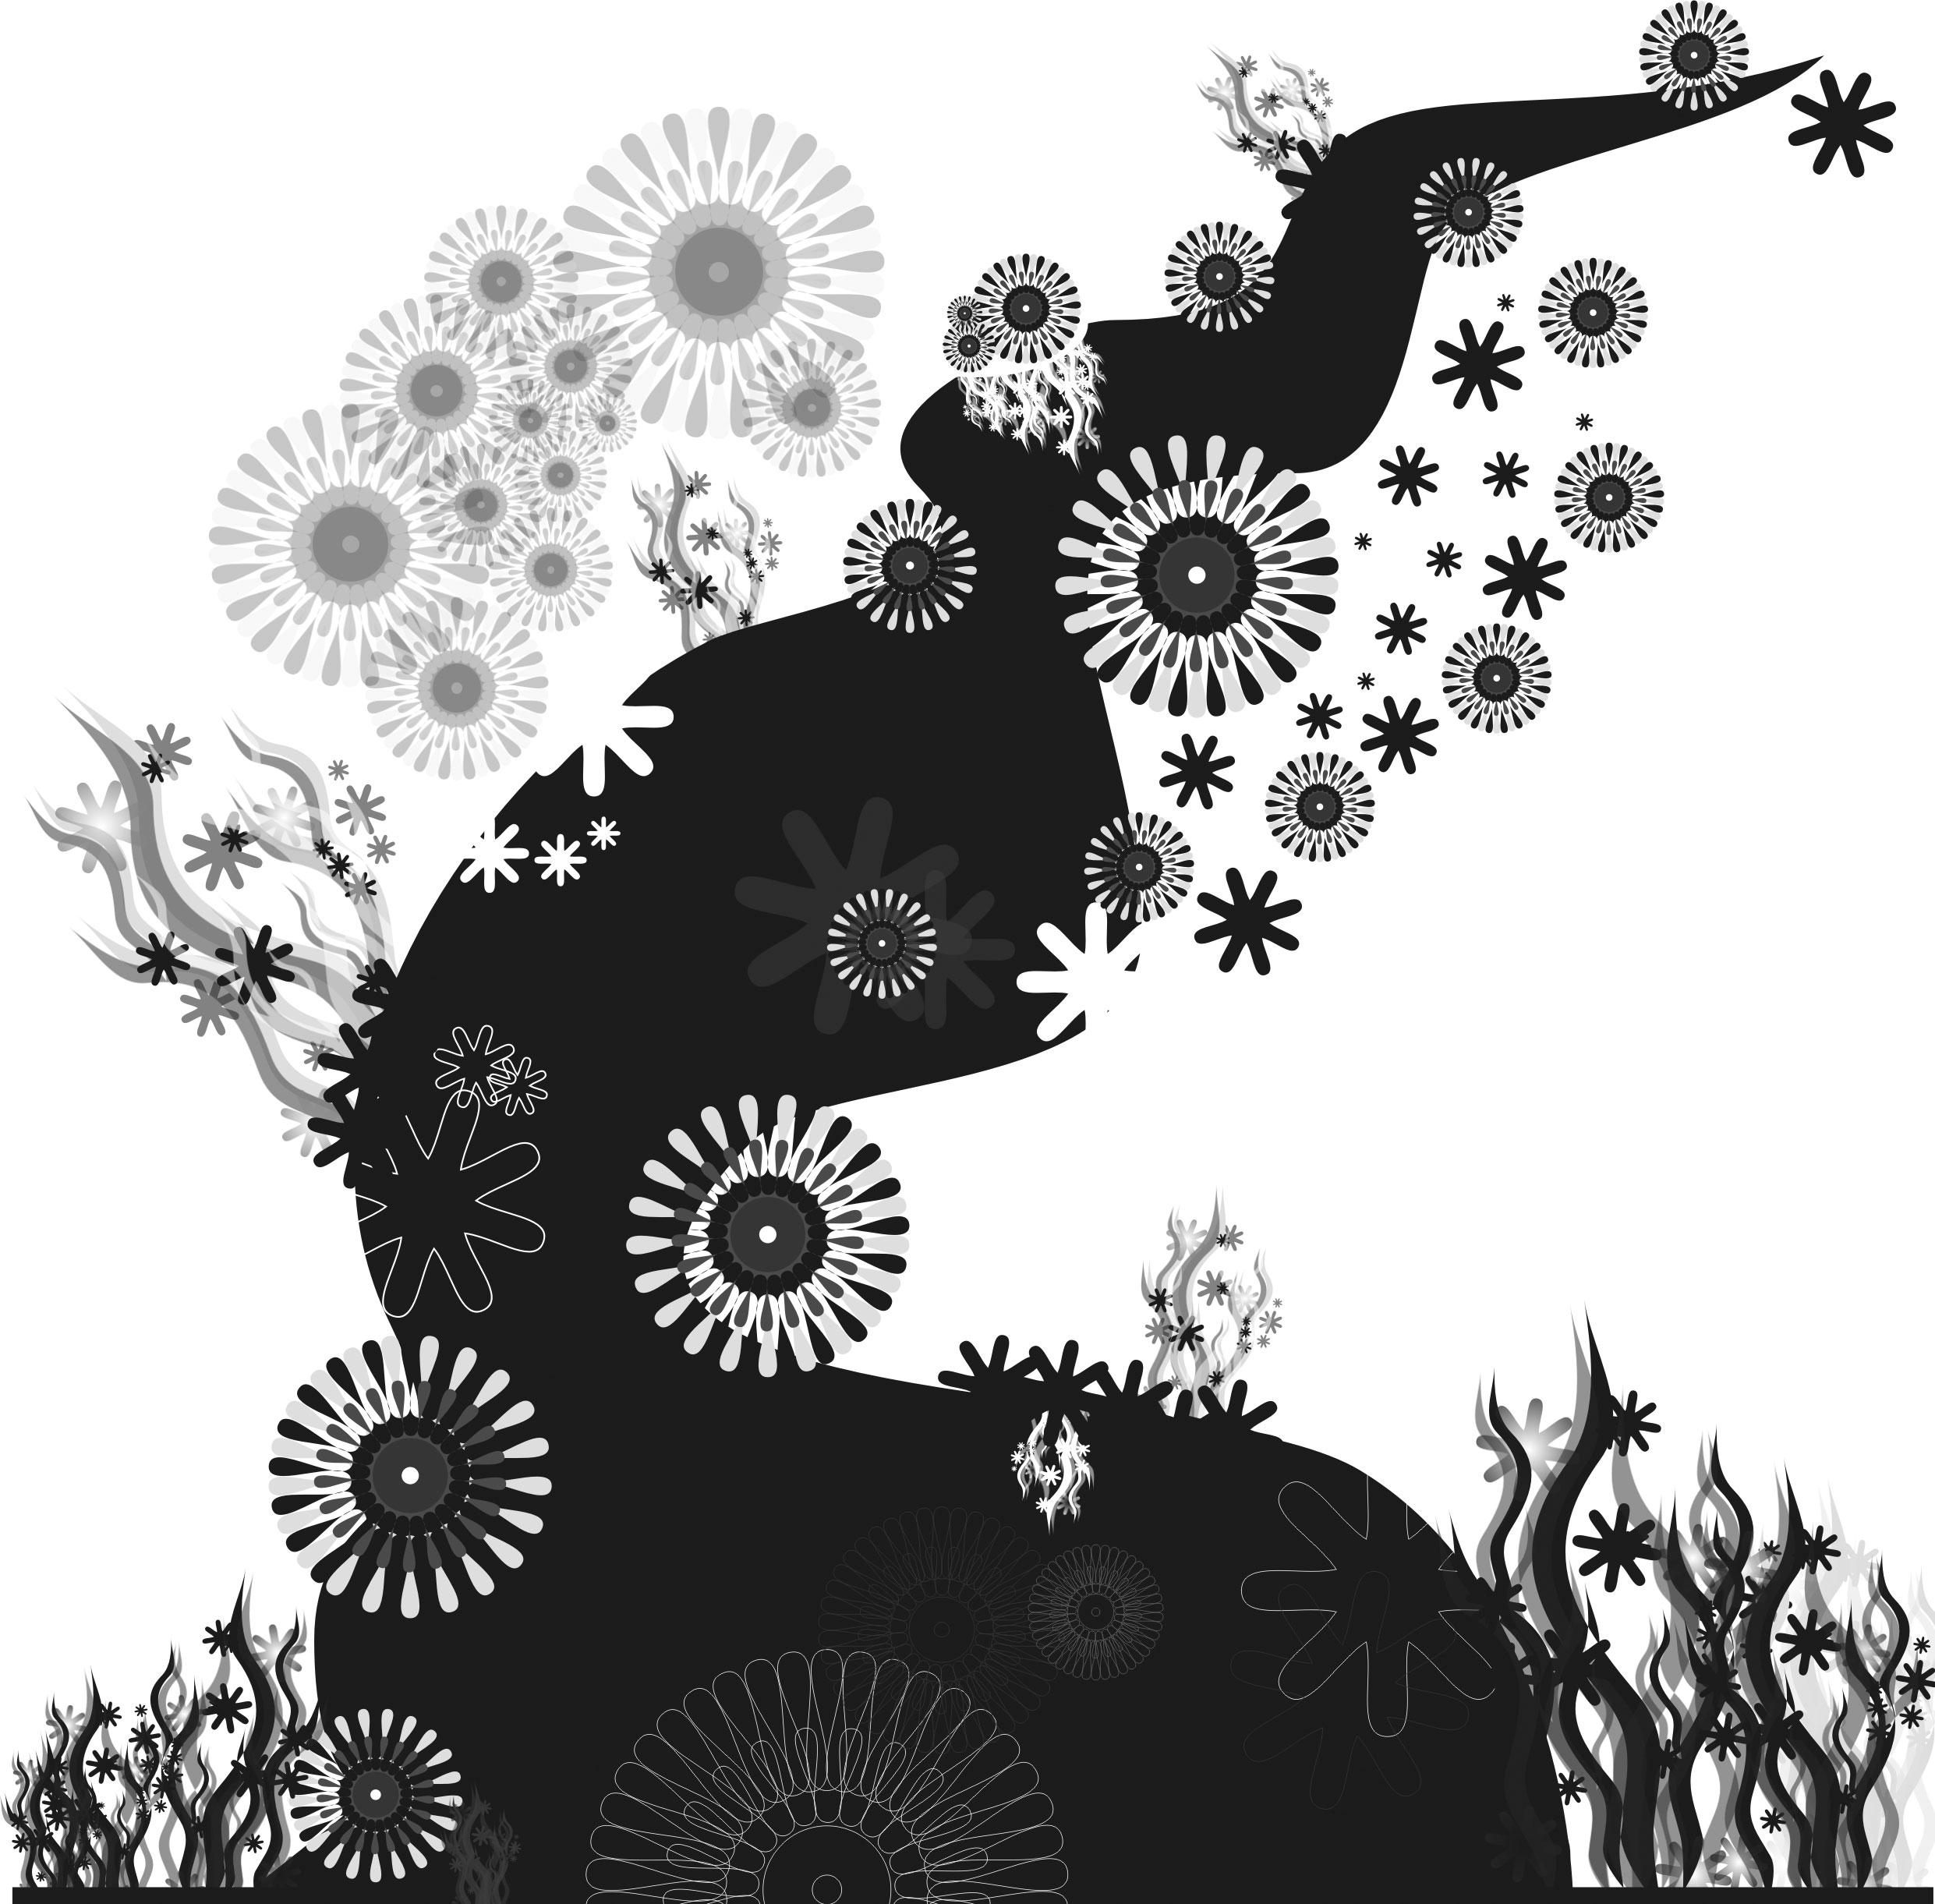 花のイラストフリー素材白黒モノクロno630白黒木幹草葉2